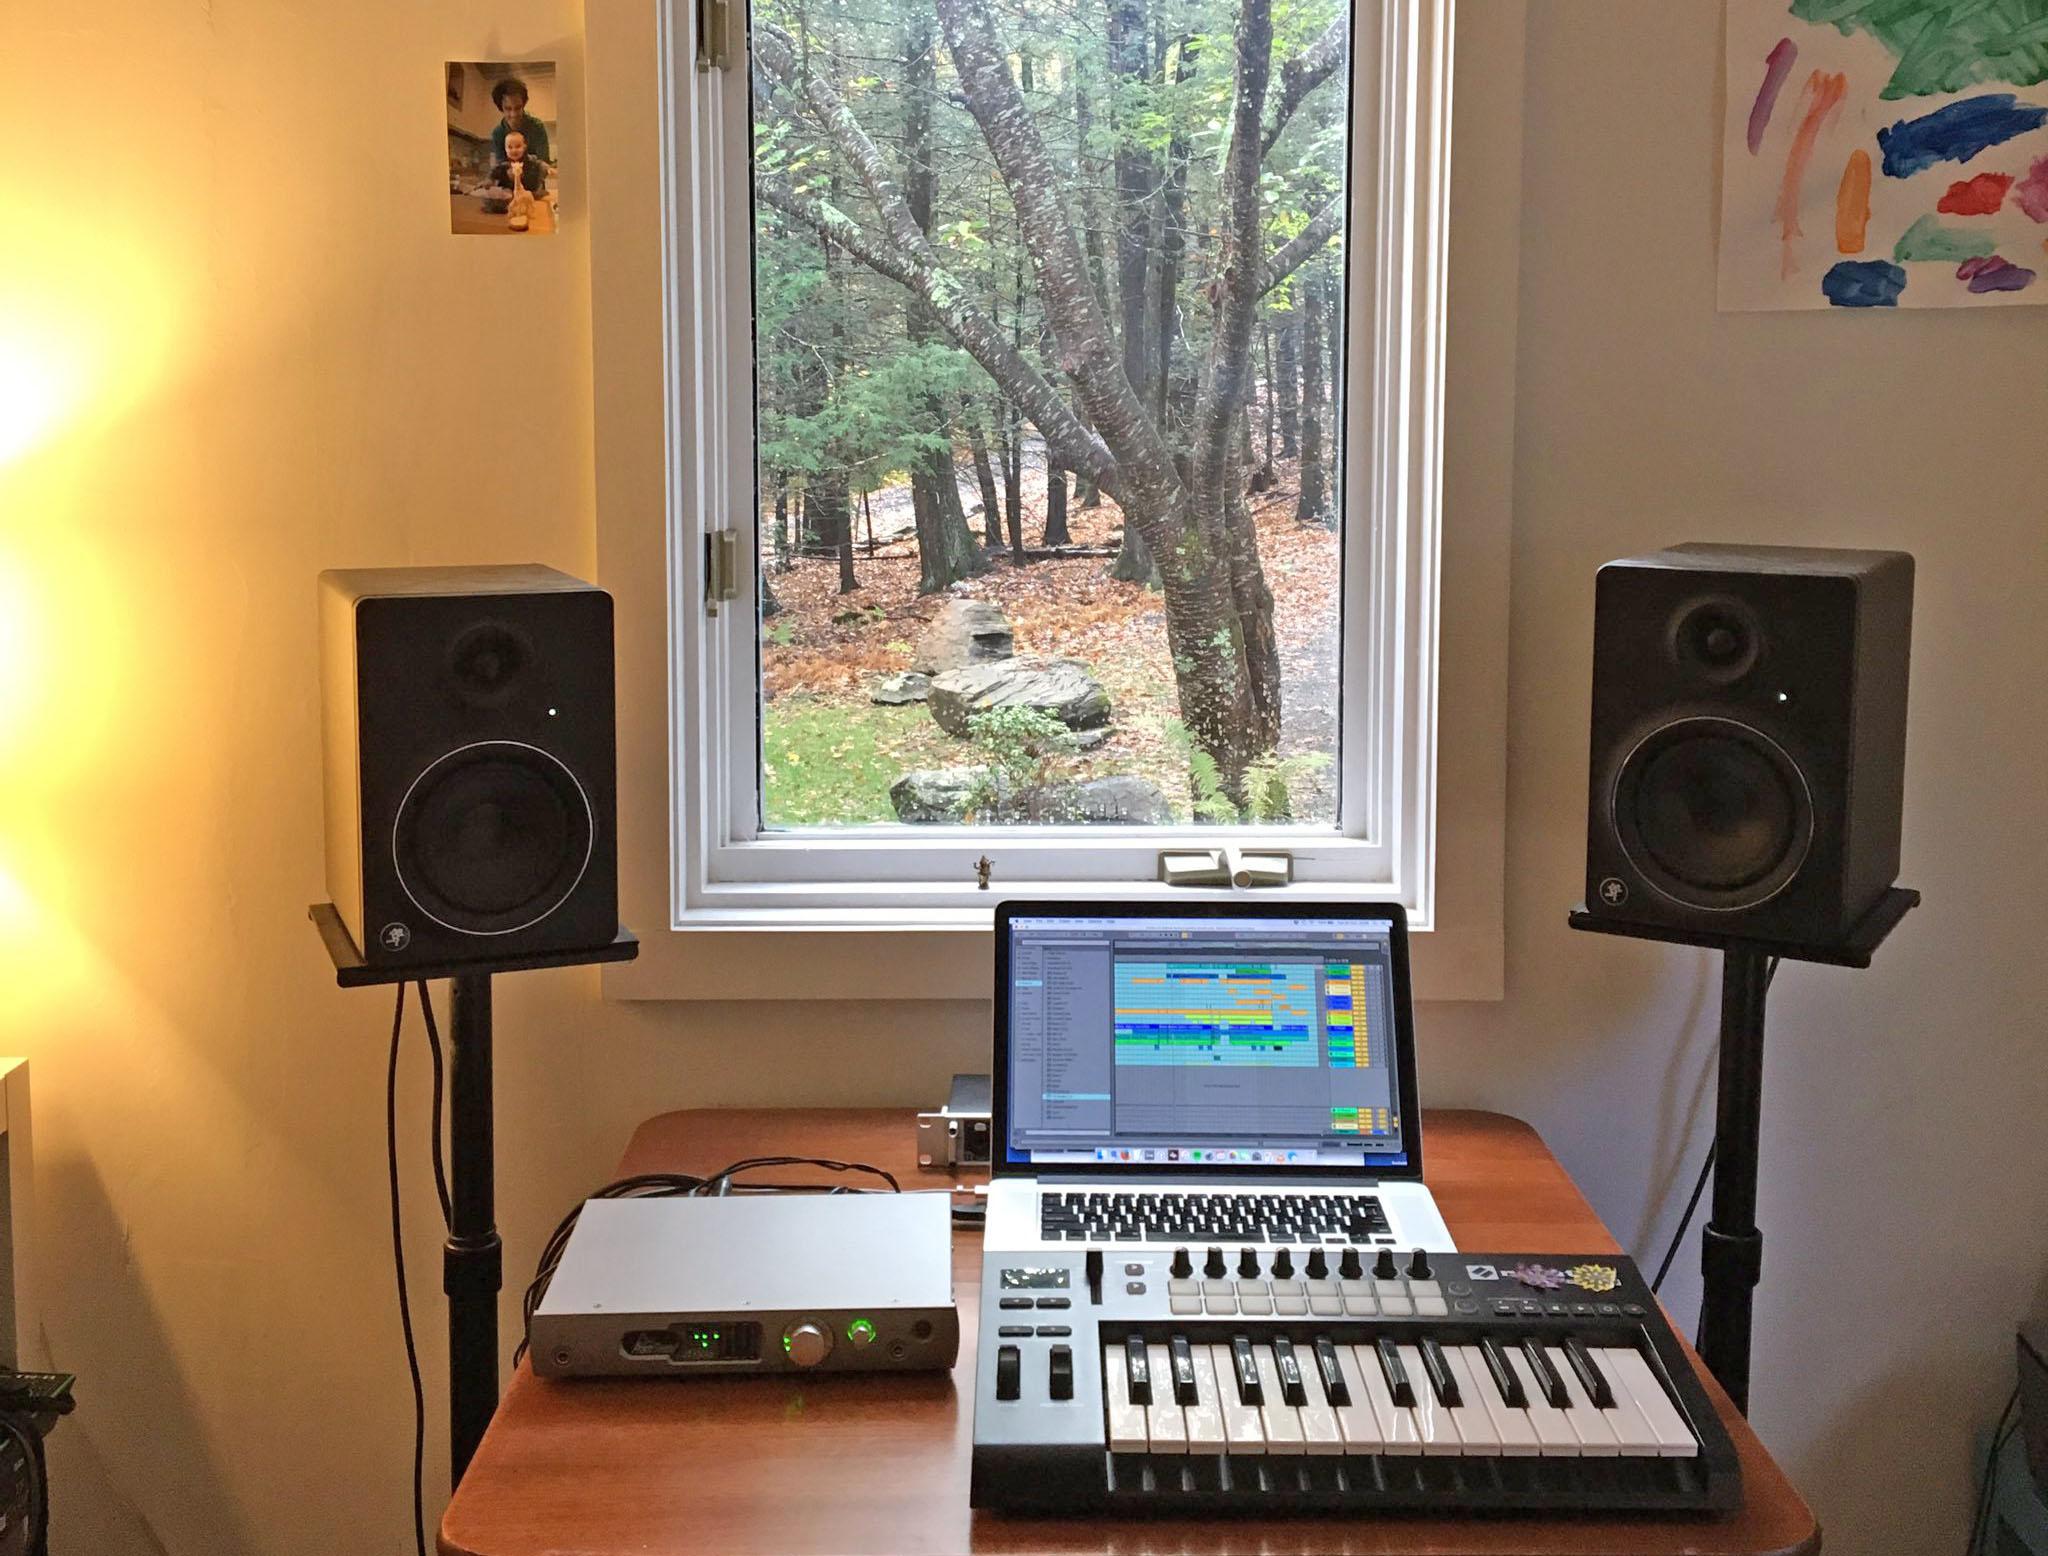 Four Tet Reveals Production Details Behind His 9th Album